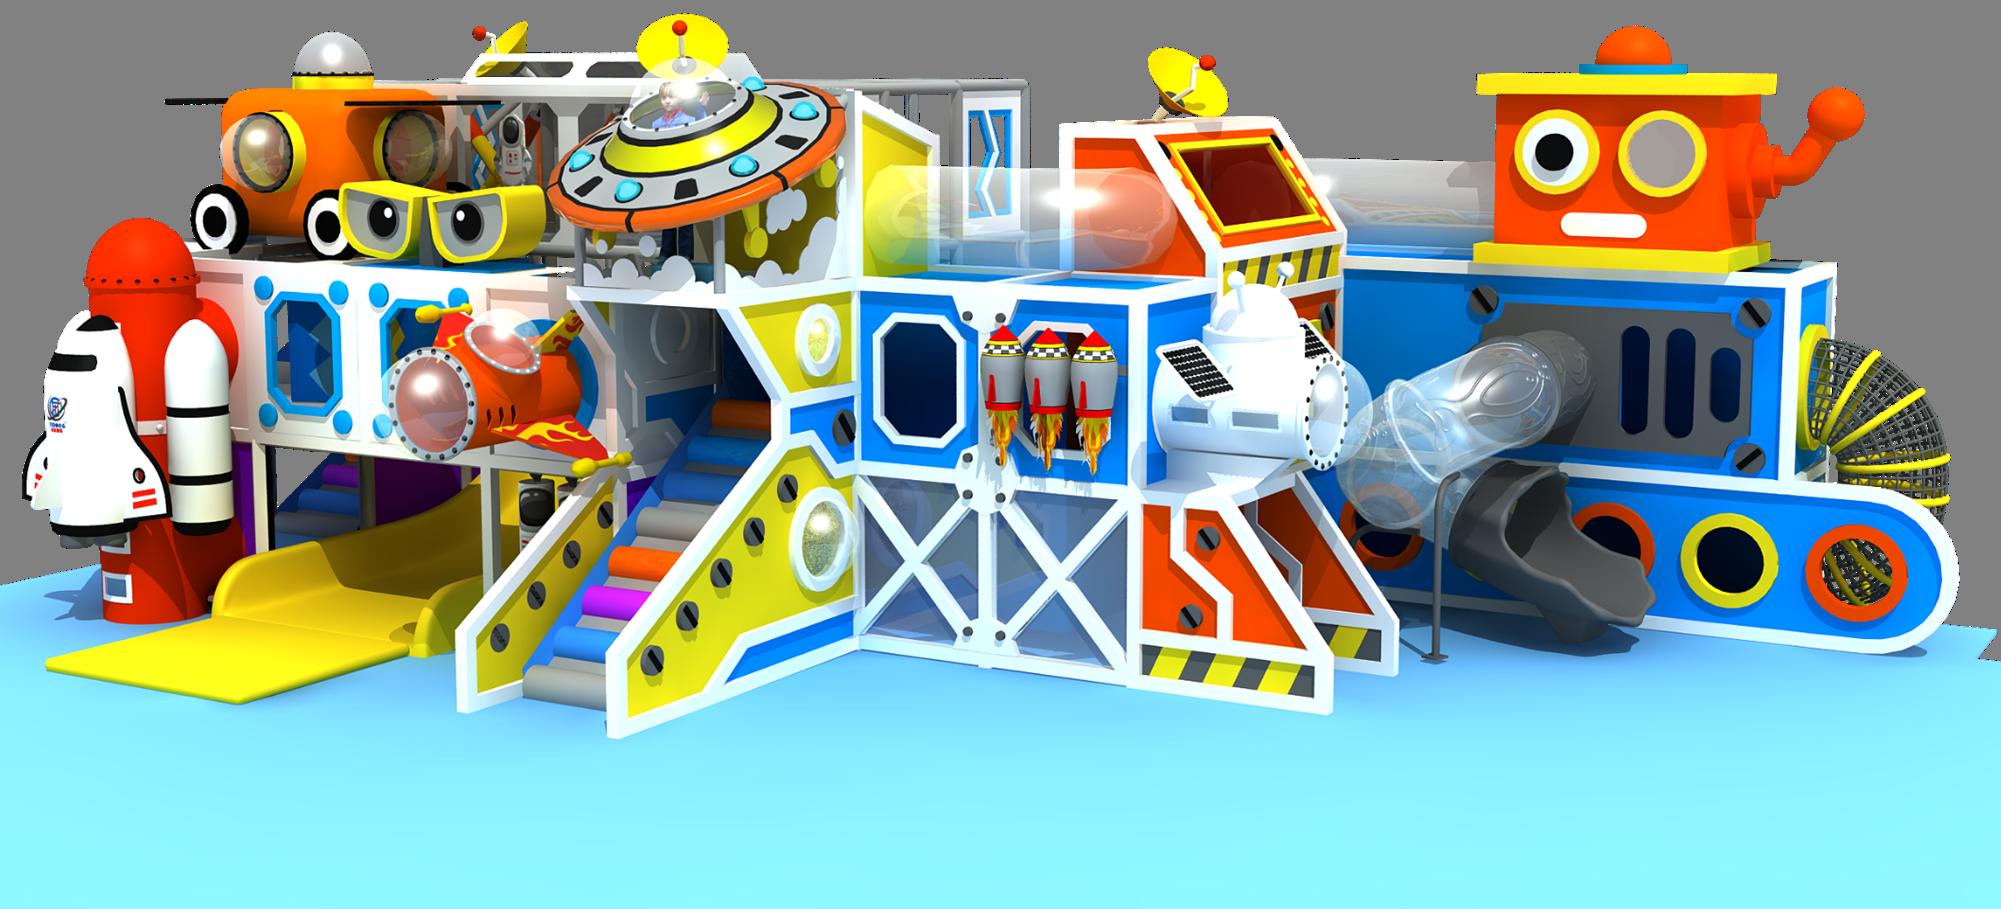 太空站亲子乐园